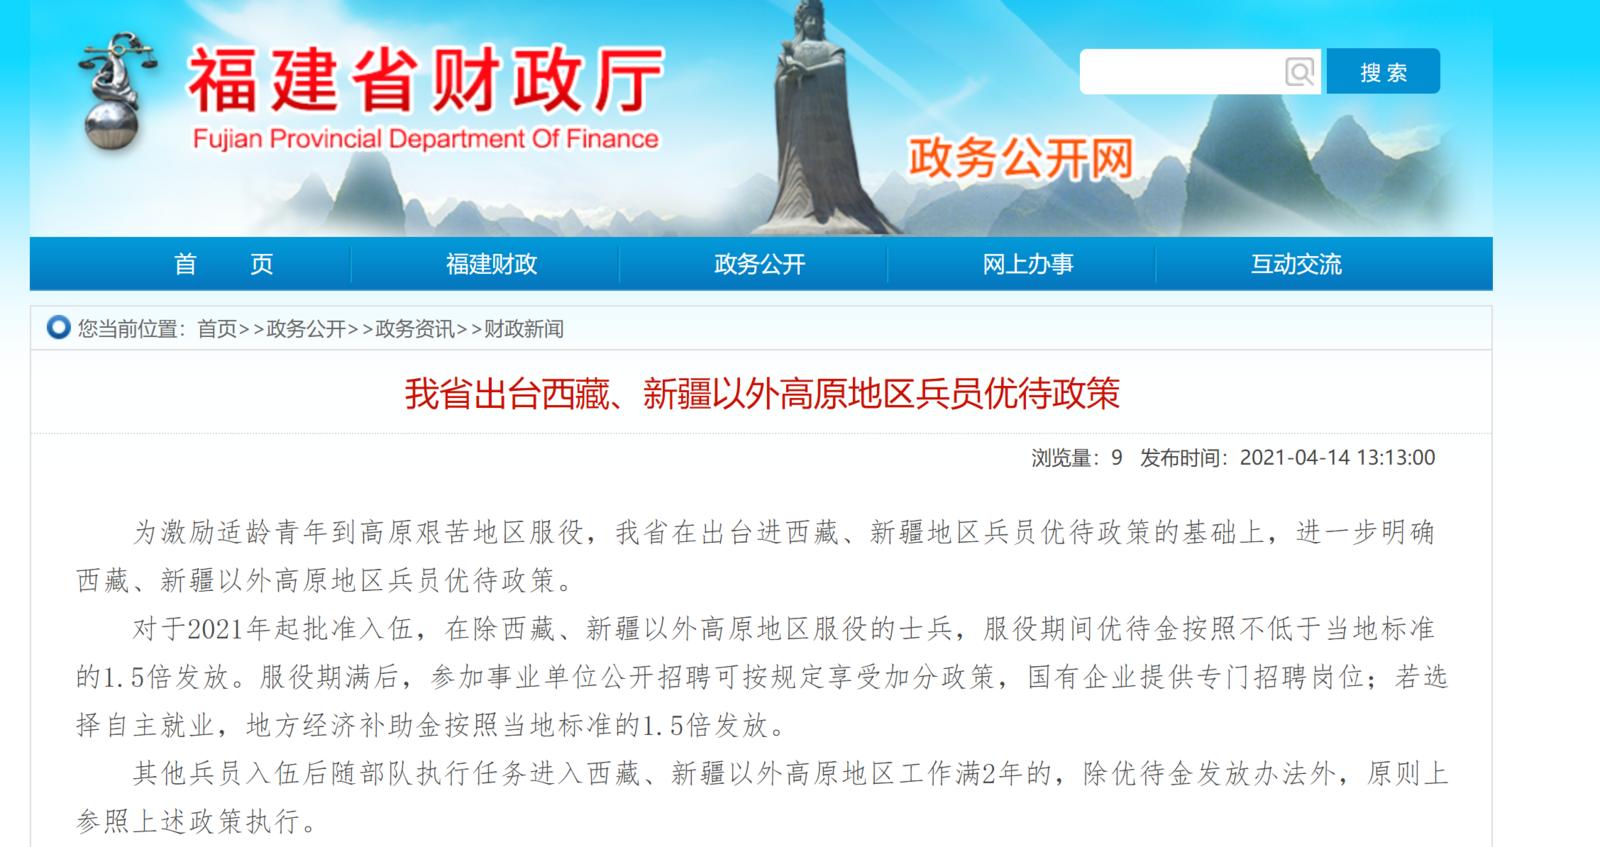 福建省出台西藏、新疆以外高原地区兵员优待政策